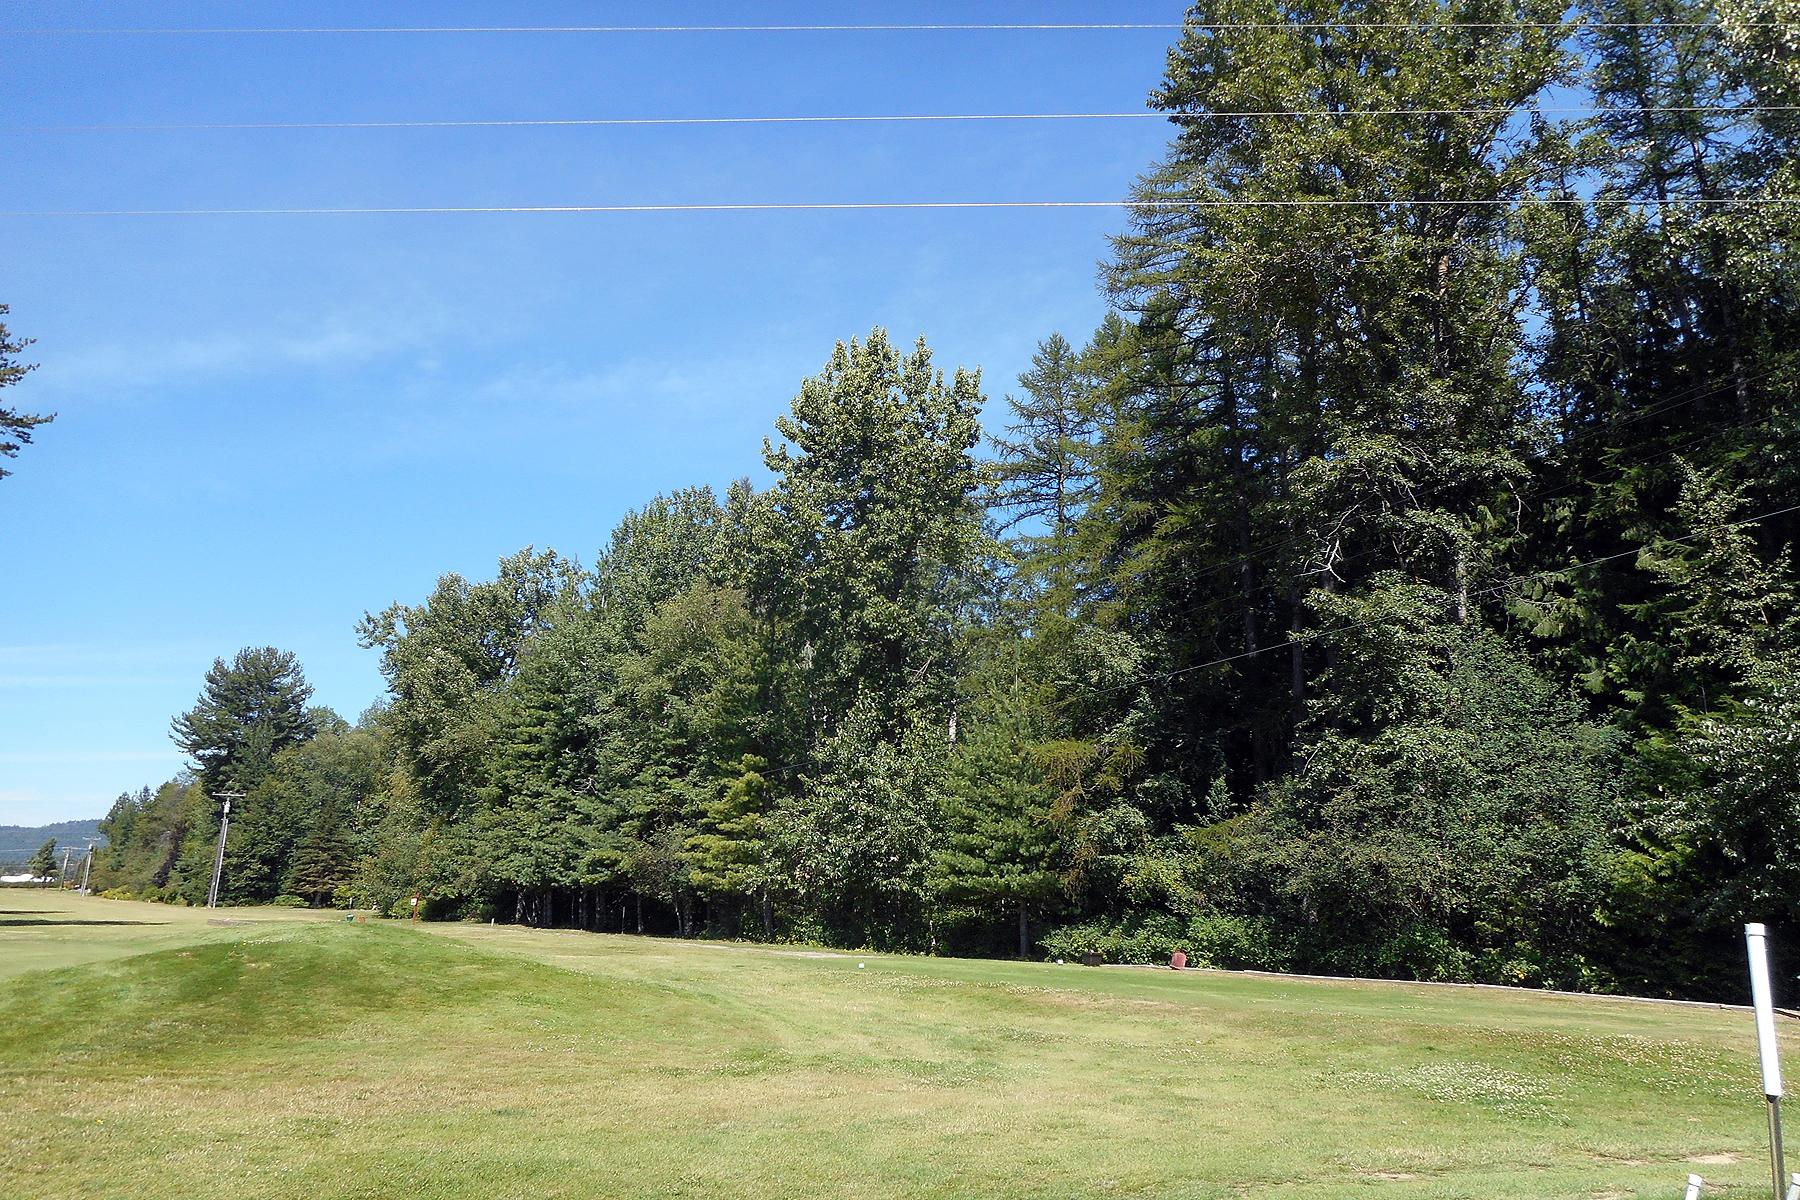 Terreno por un Venta en Premier Sandpoint Development Property NNA 17.77 acres off Highway 200 Ponderay, Idaho, 83852 Estados Unidos